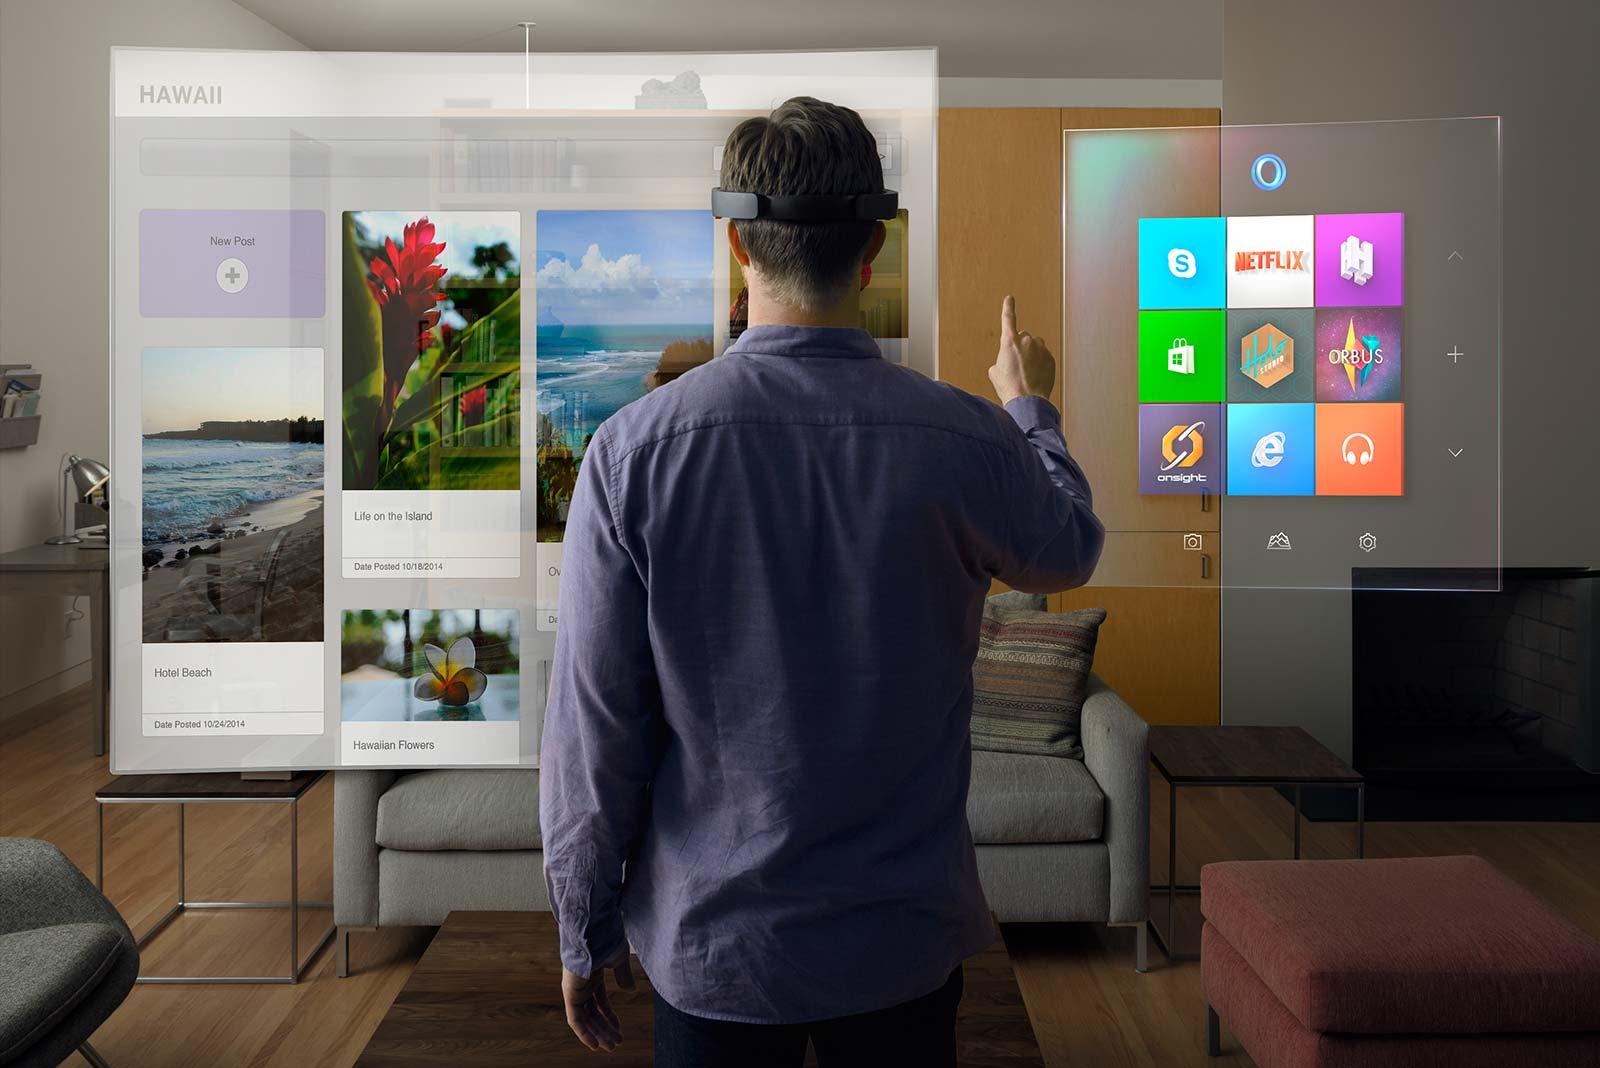 Microsoft Hololens permet de facilement redécorer son intérieur en réalité mixte